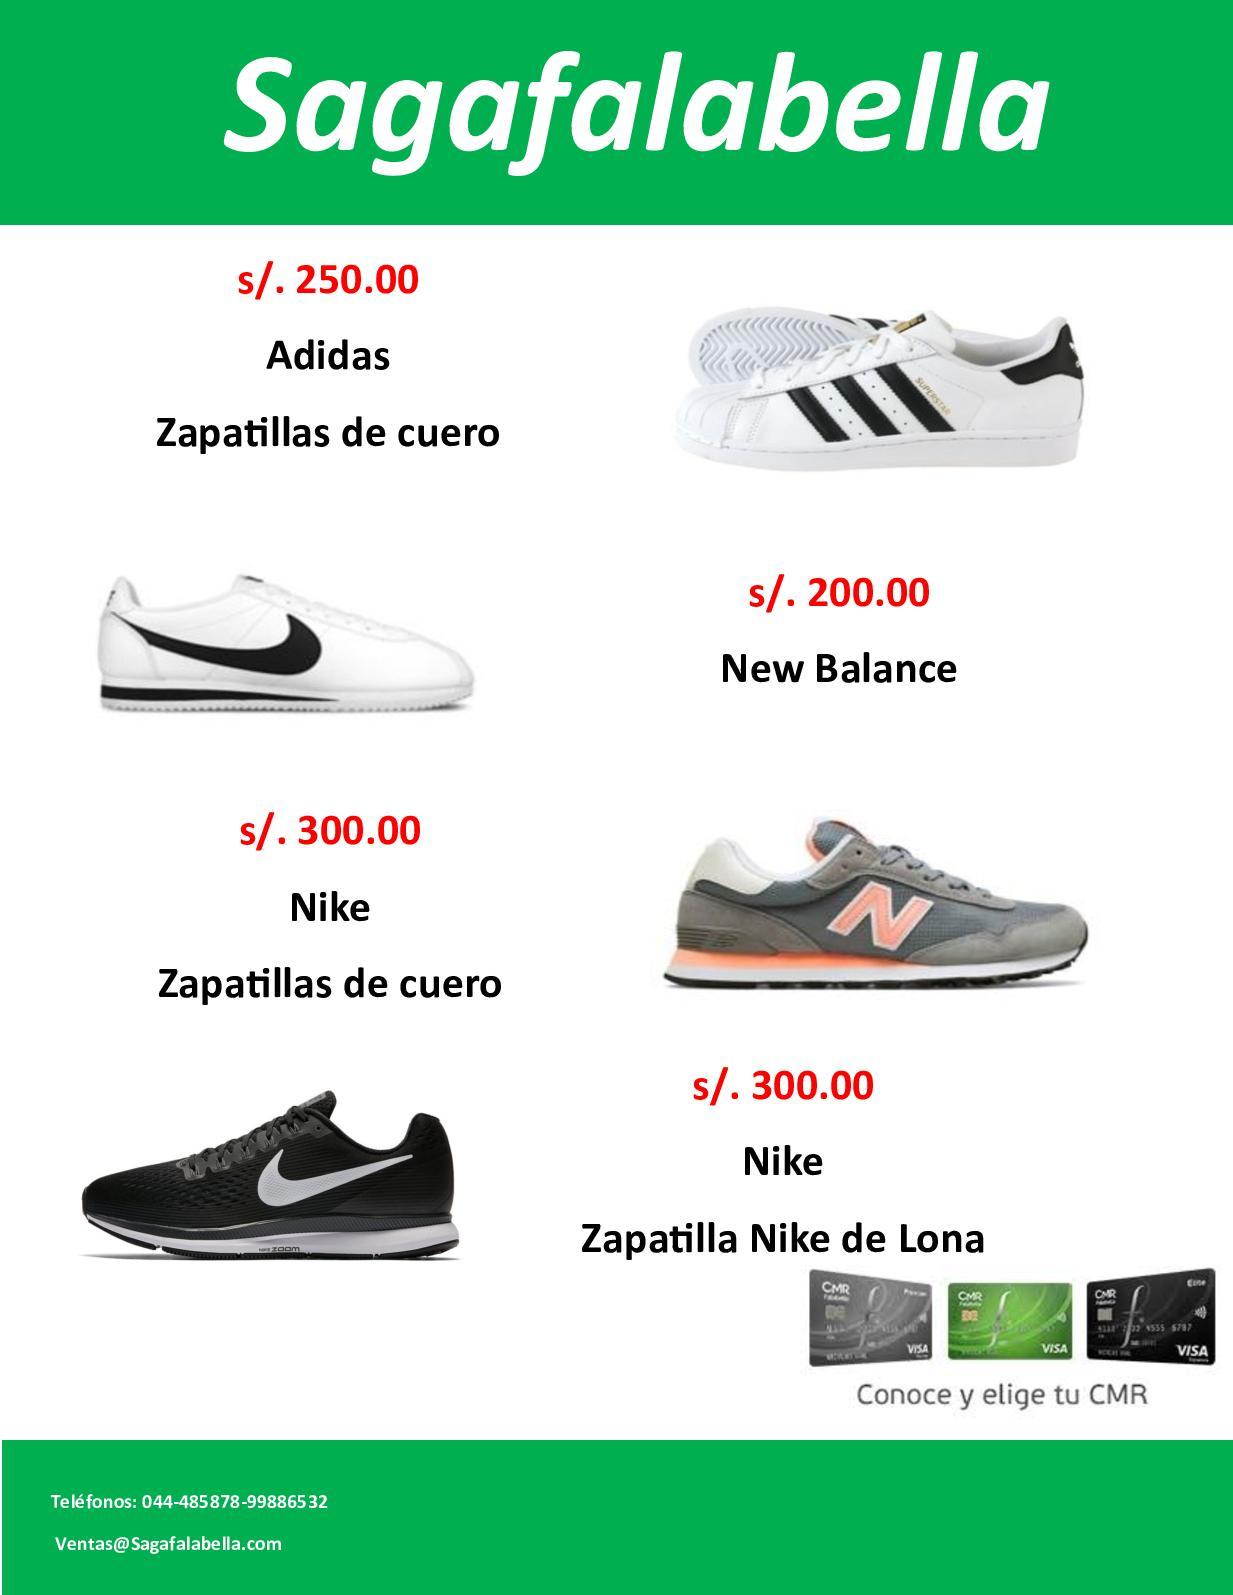 zapatillas new balance saga falabella